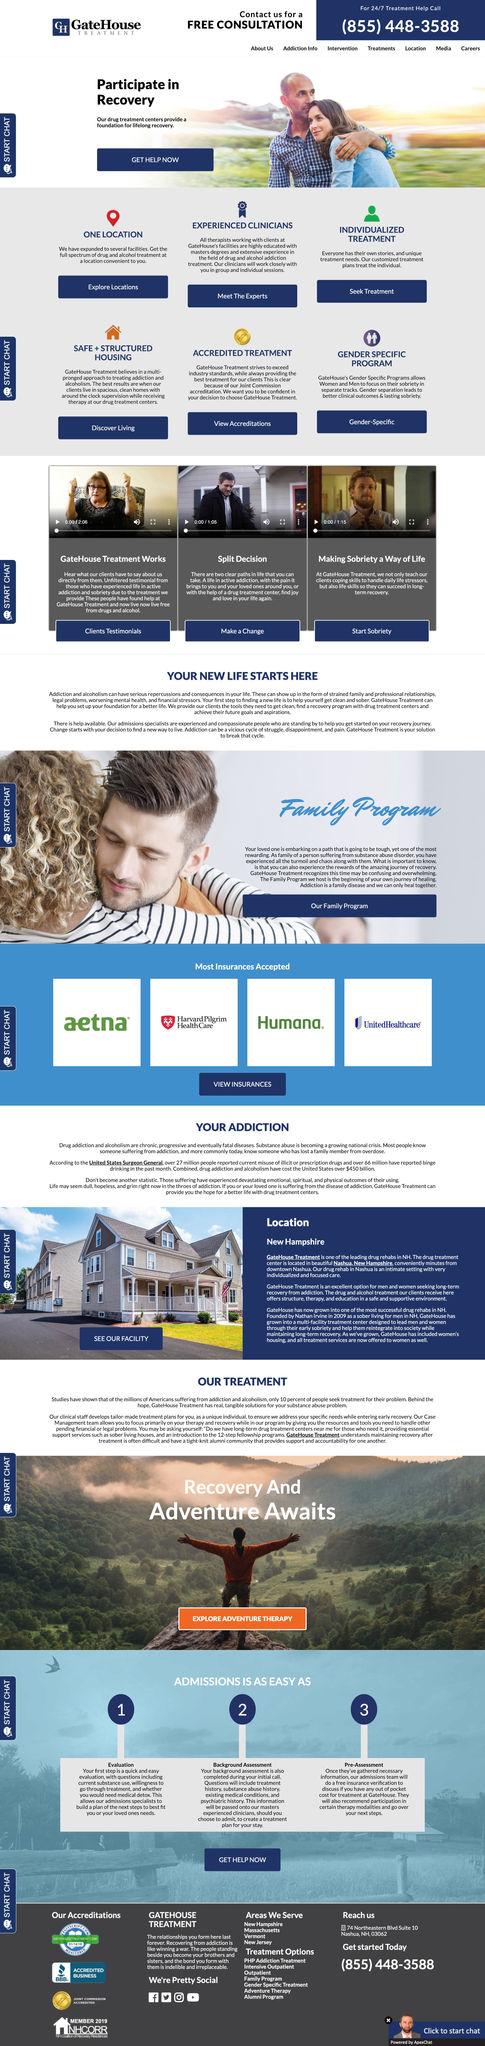 gatehouse-treatment-homepage.jpg